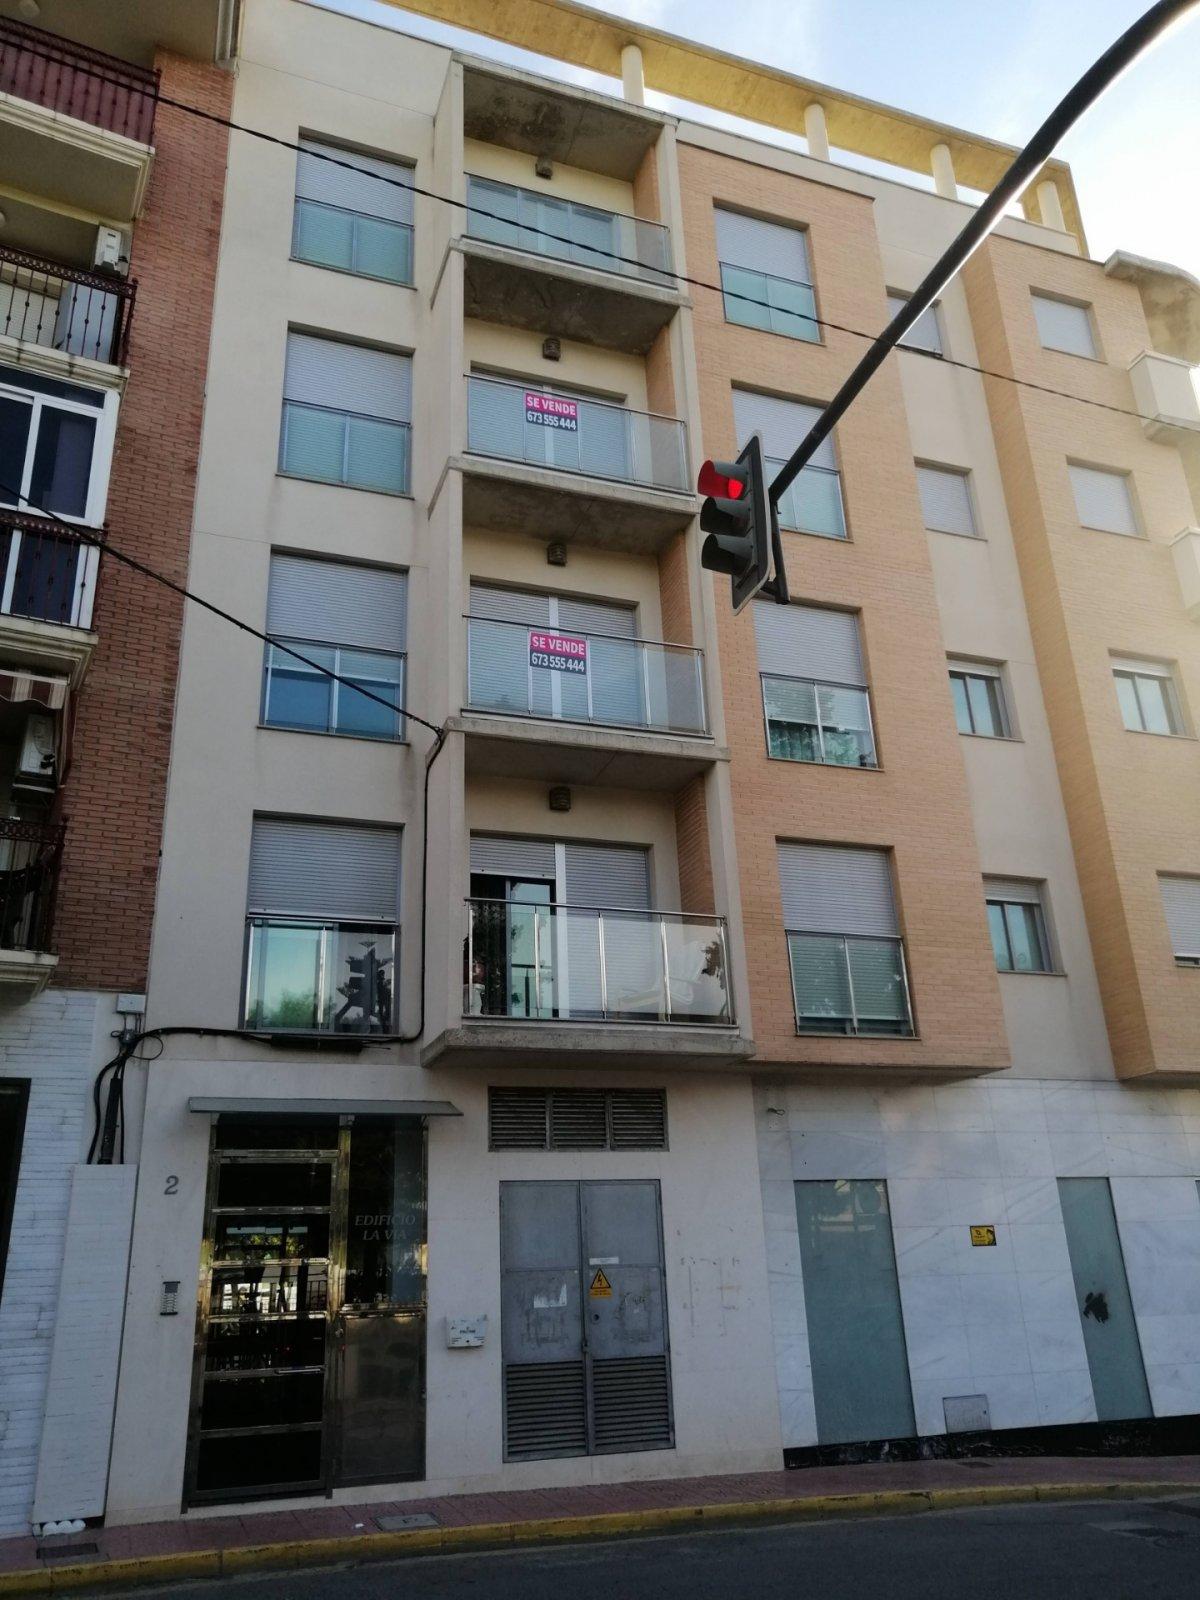 apartamento en mazarron · centro 86900€